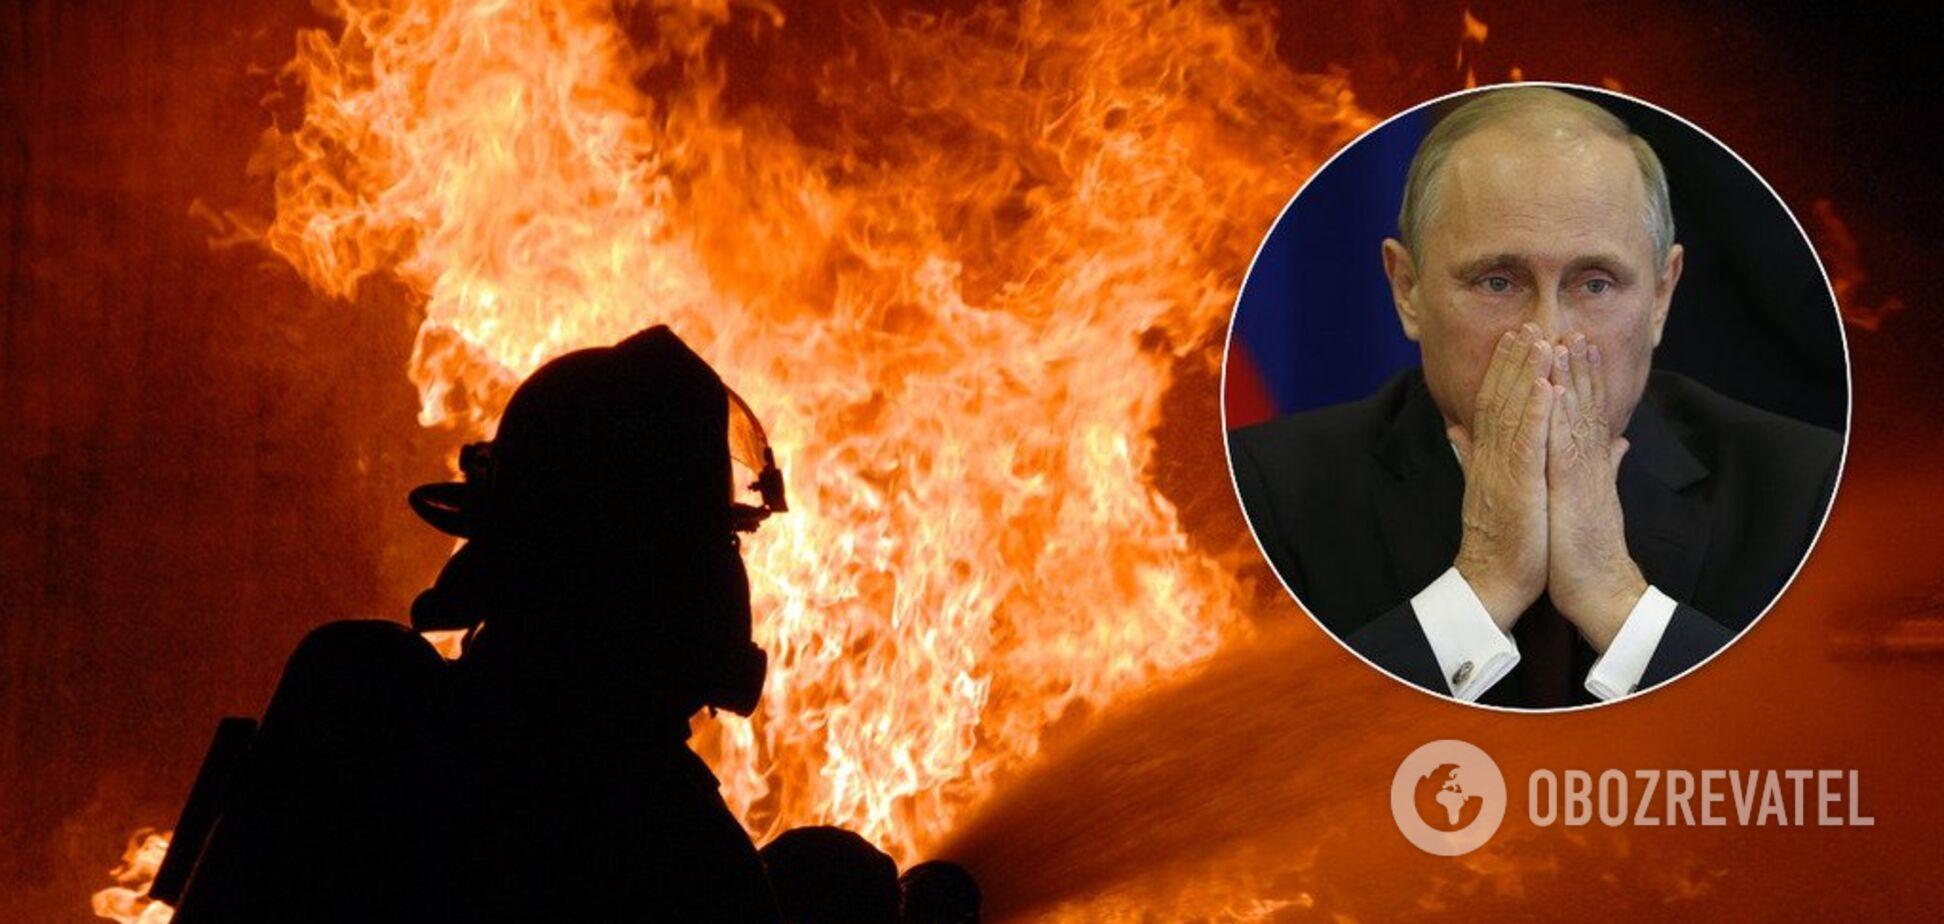 Путин с дочерьми чуть не сгорели в пожаре: всплыли эксклюзивные подробности